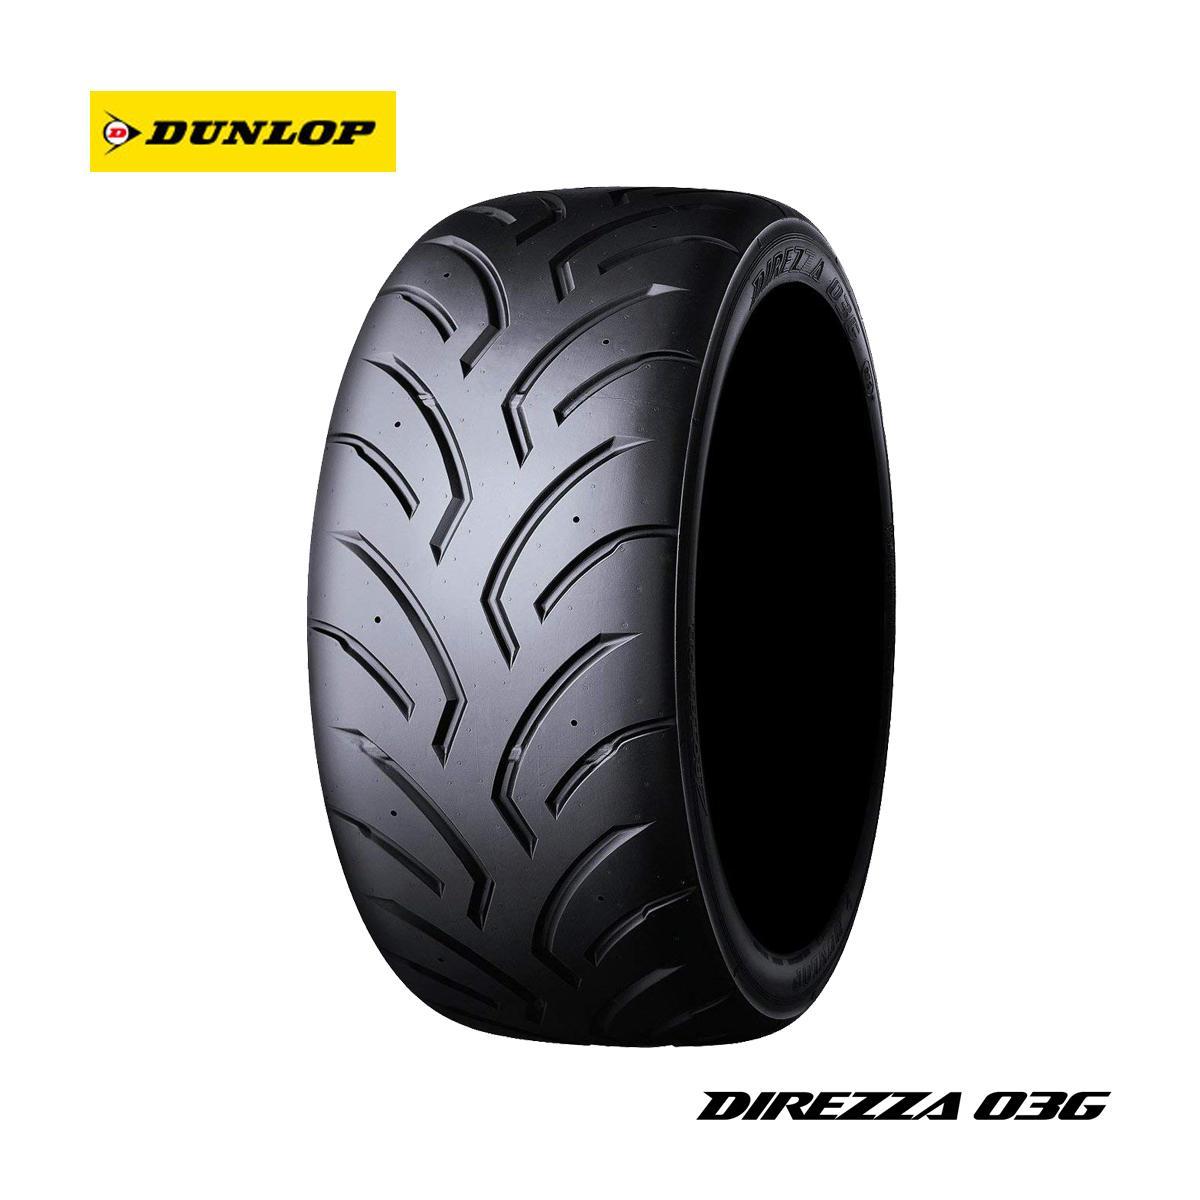 DUNLOP ダンロップ Sタイヤ ハイグリップ モータースポーツ 4本 セット 18インチ 285/30R18 DIREZZA ディレッツァ 03G コンパウンド R2